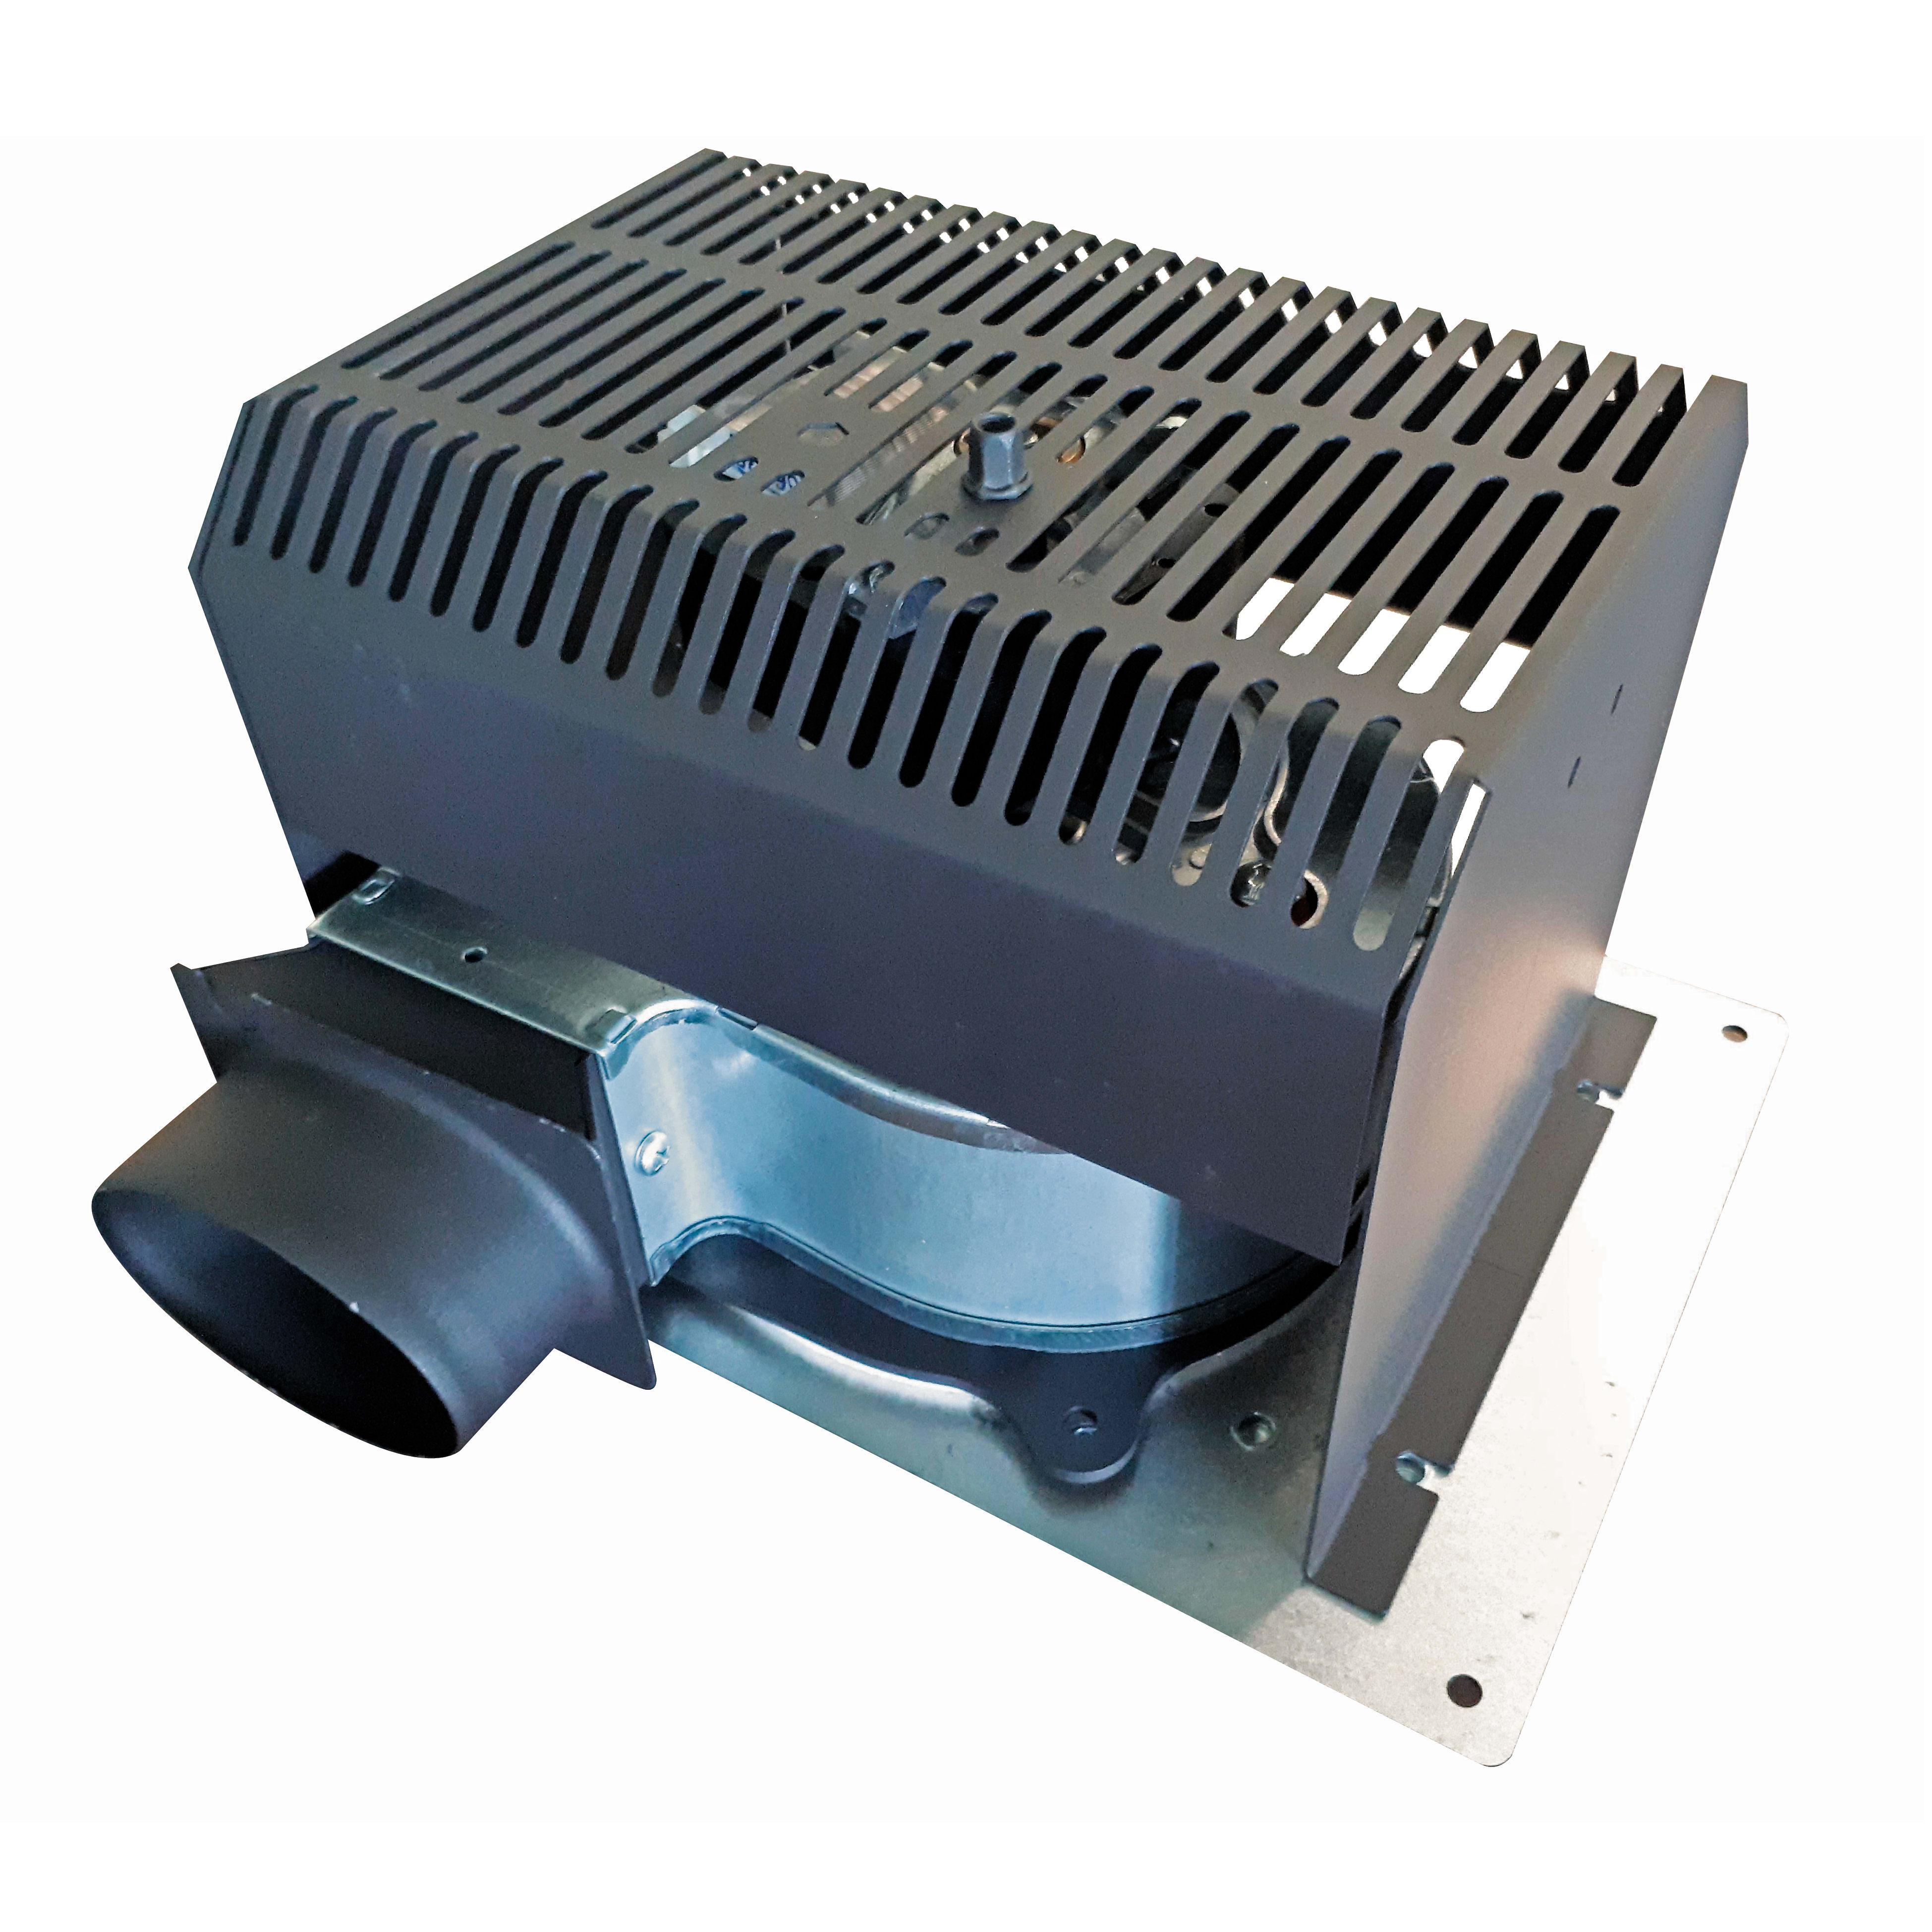 Tubi Aria Calda Stufa Pellet kit di distribuzione di aria calda per stufa a pellet superior